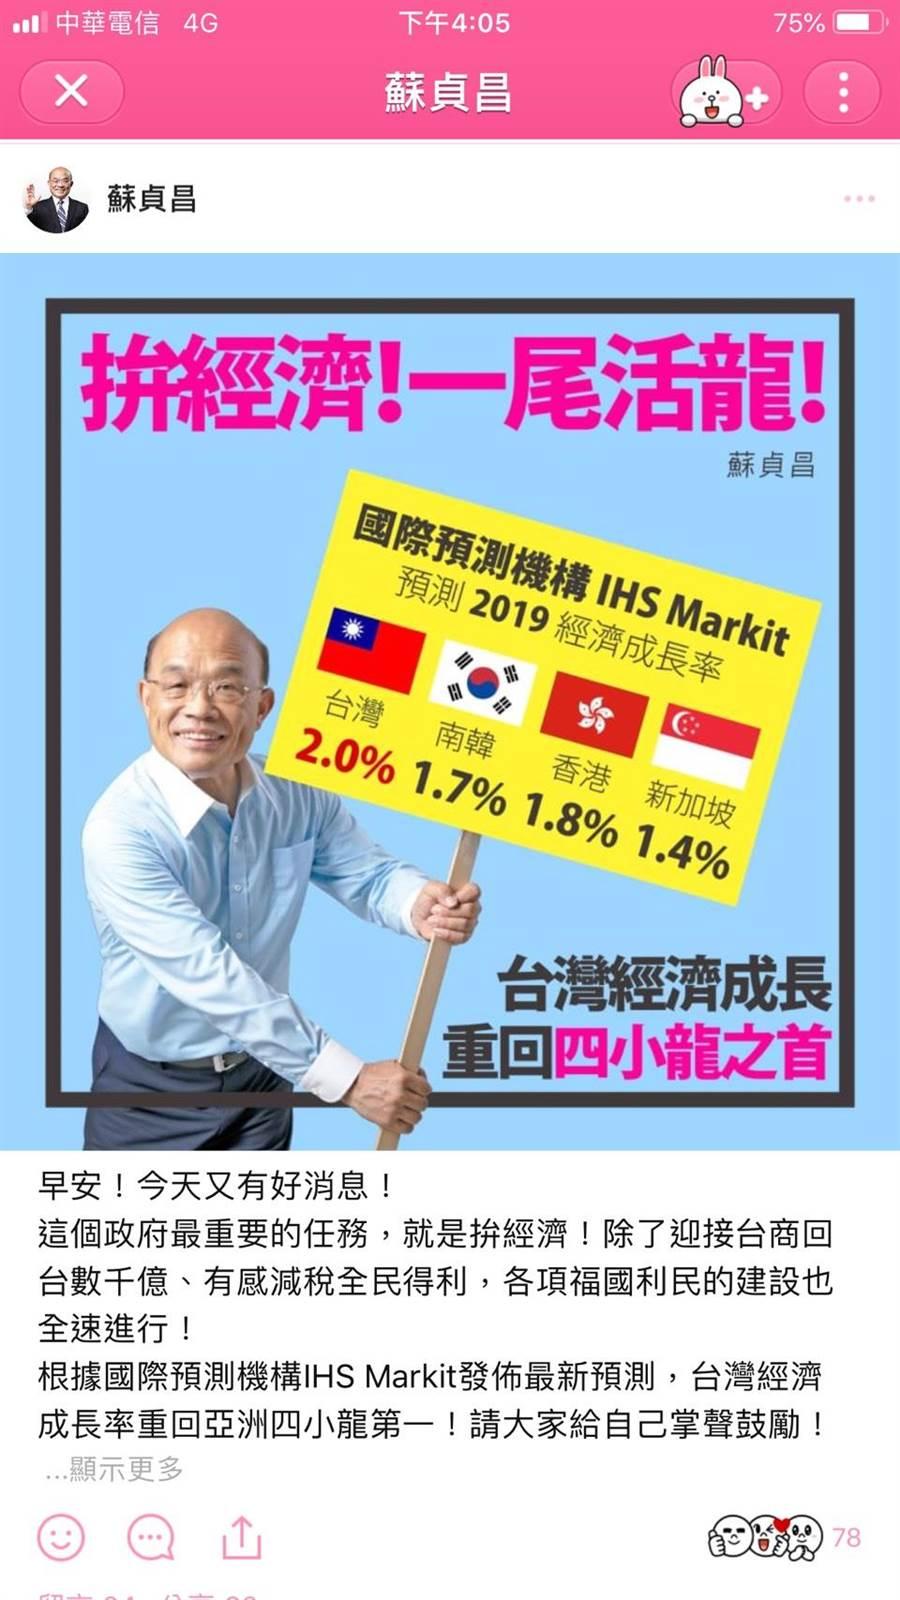 行政院长苏贞昌上午在官方Line群组表示,根据国际预测机构IHS Markit发布最新预测,台湾2019经济成长率达2%,重回亚洲四小龙第一。(苏贞昌LINE)